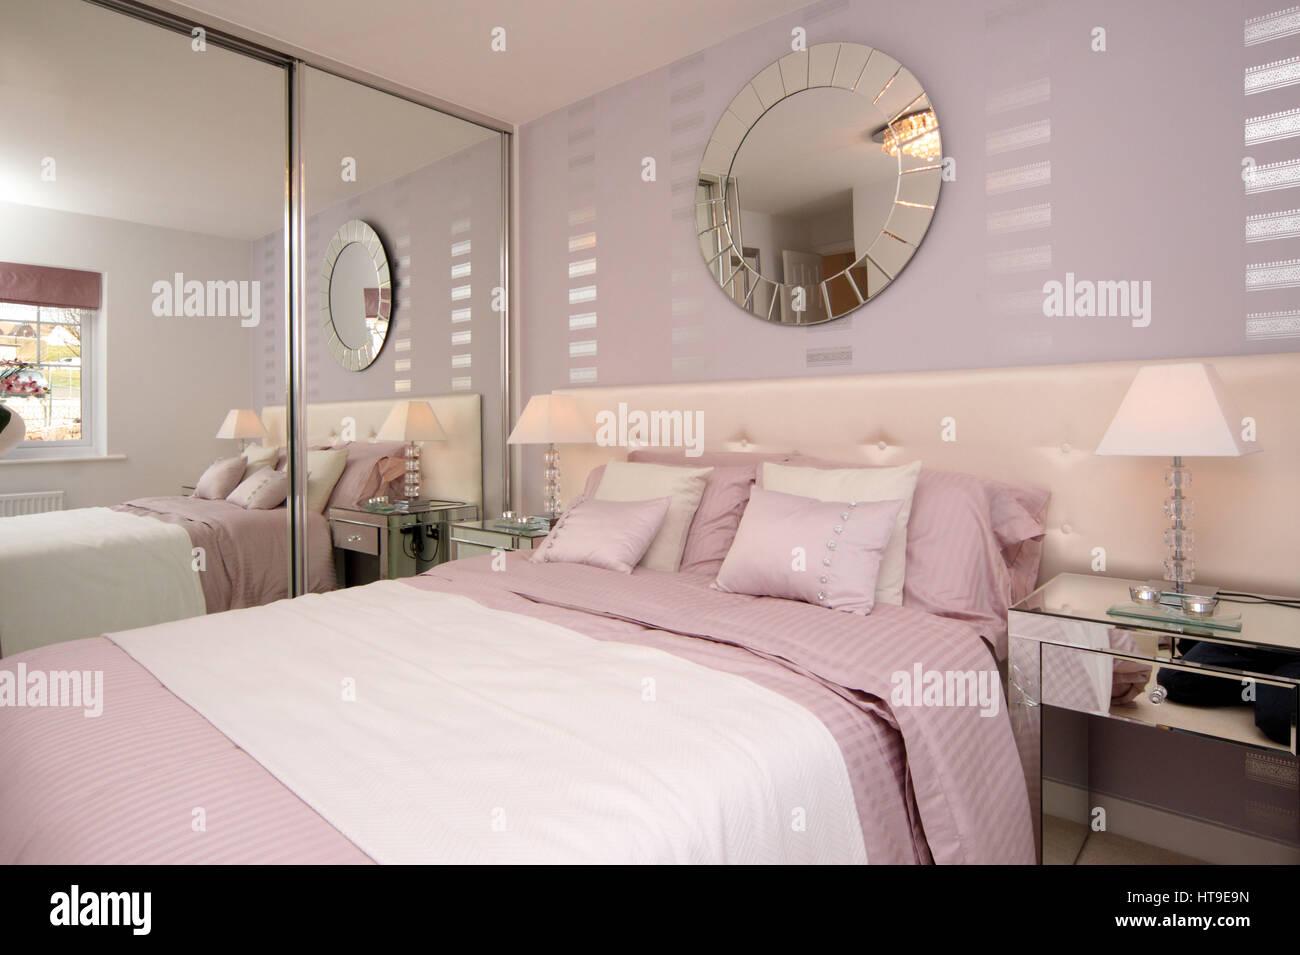 Chambre Rose Et Blanc | Deco Chambre Gris Rose Blanc Et Pale Fille ...